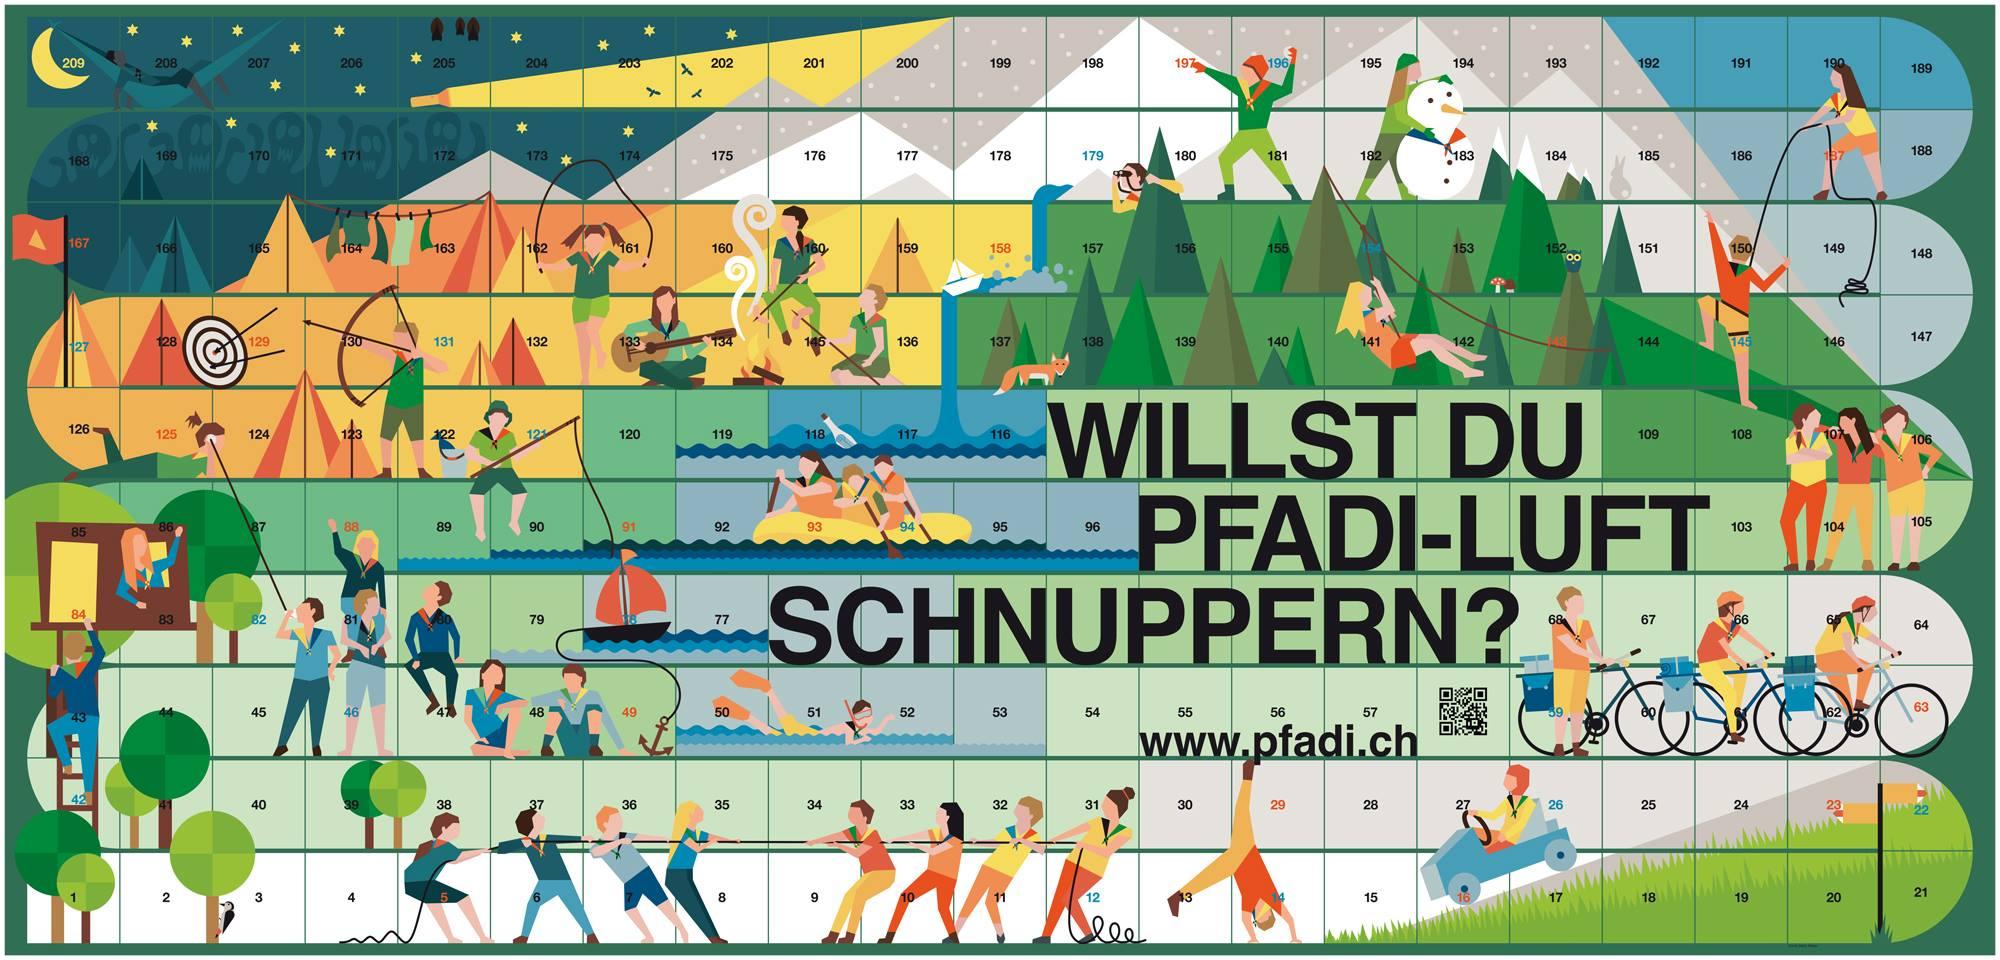 Willst_du_Pfadi-Luft_schnuppern?